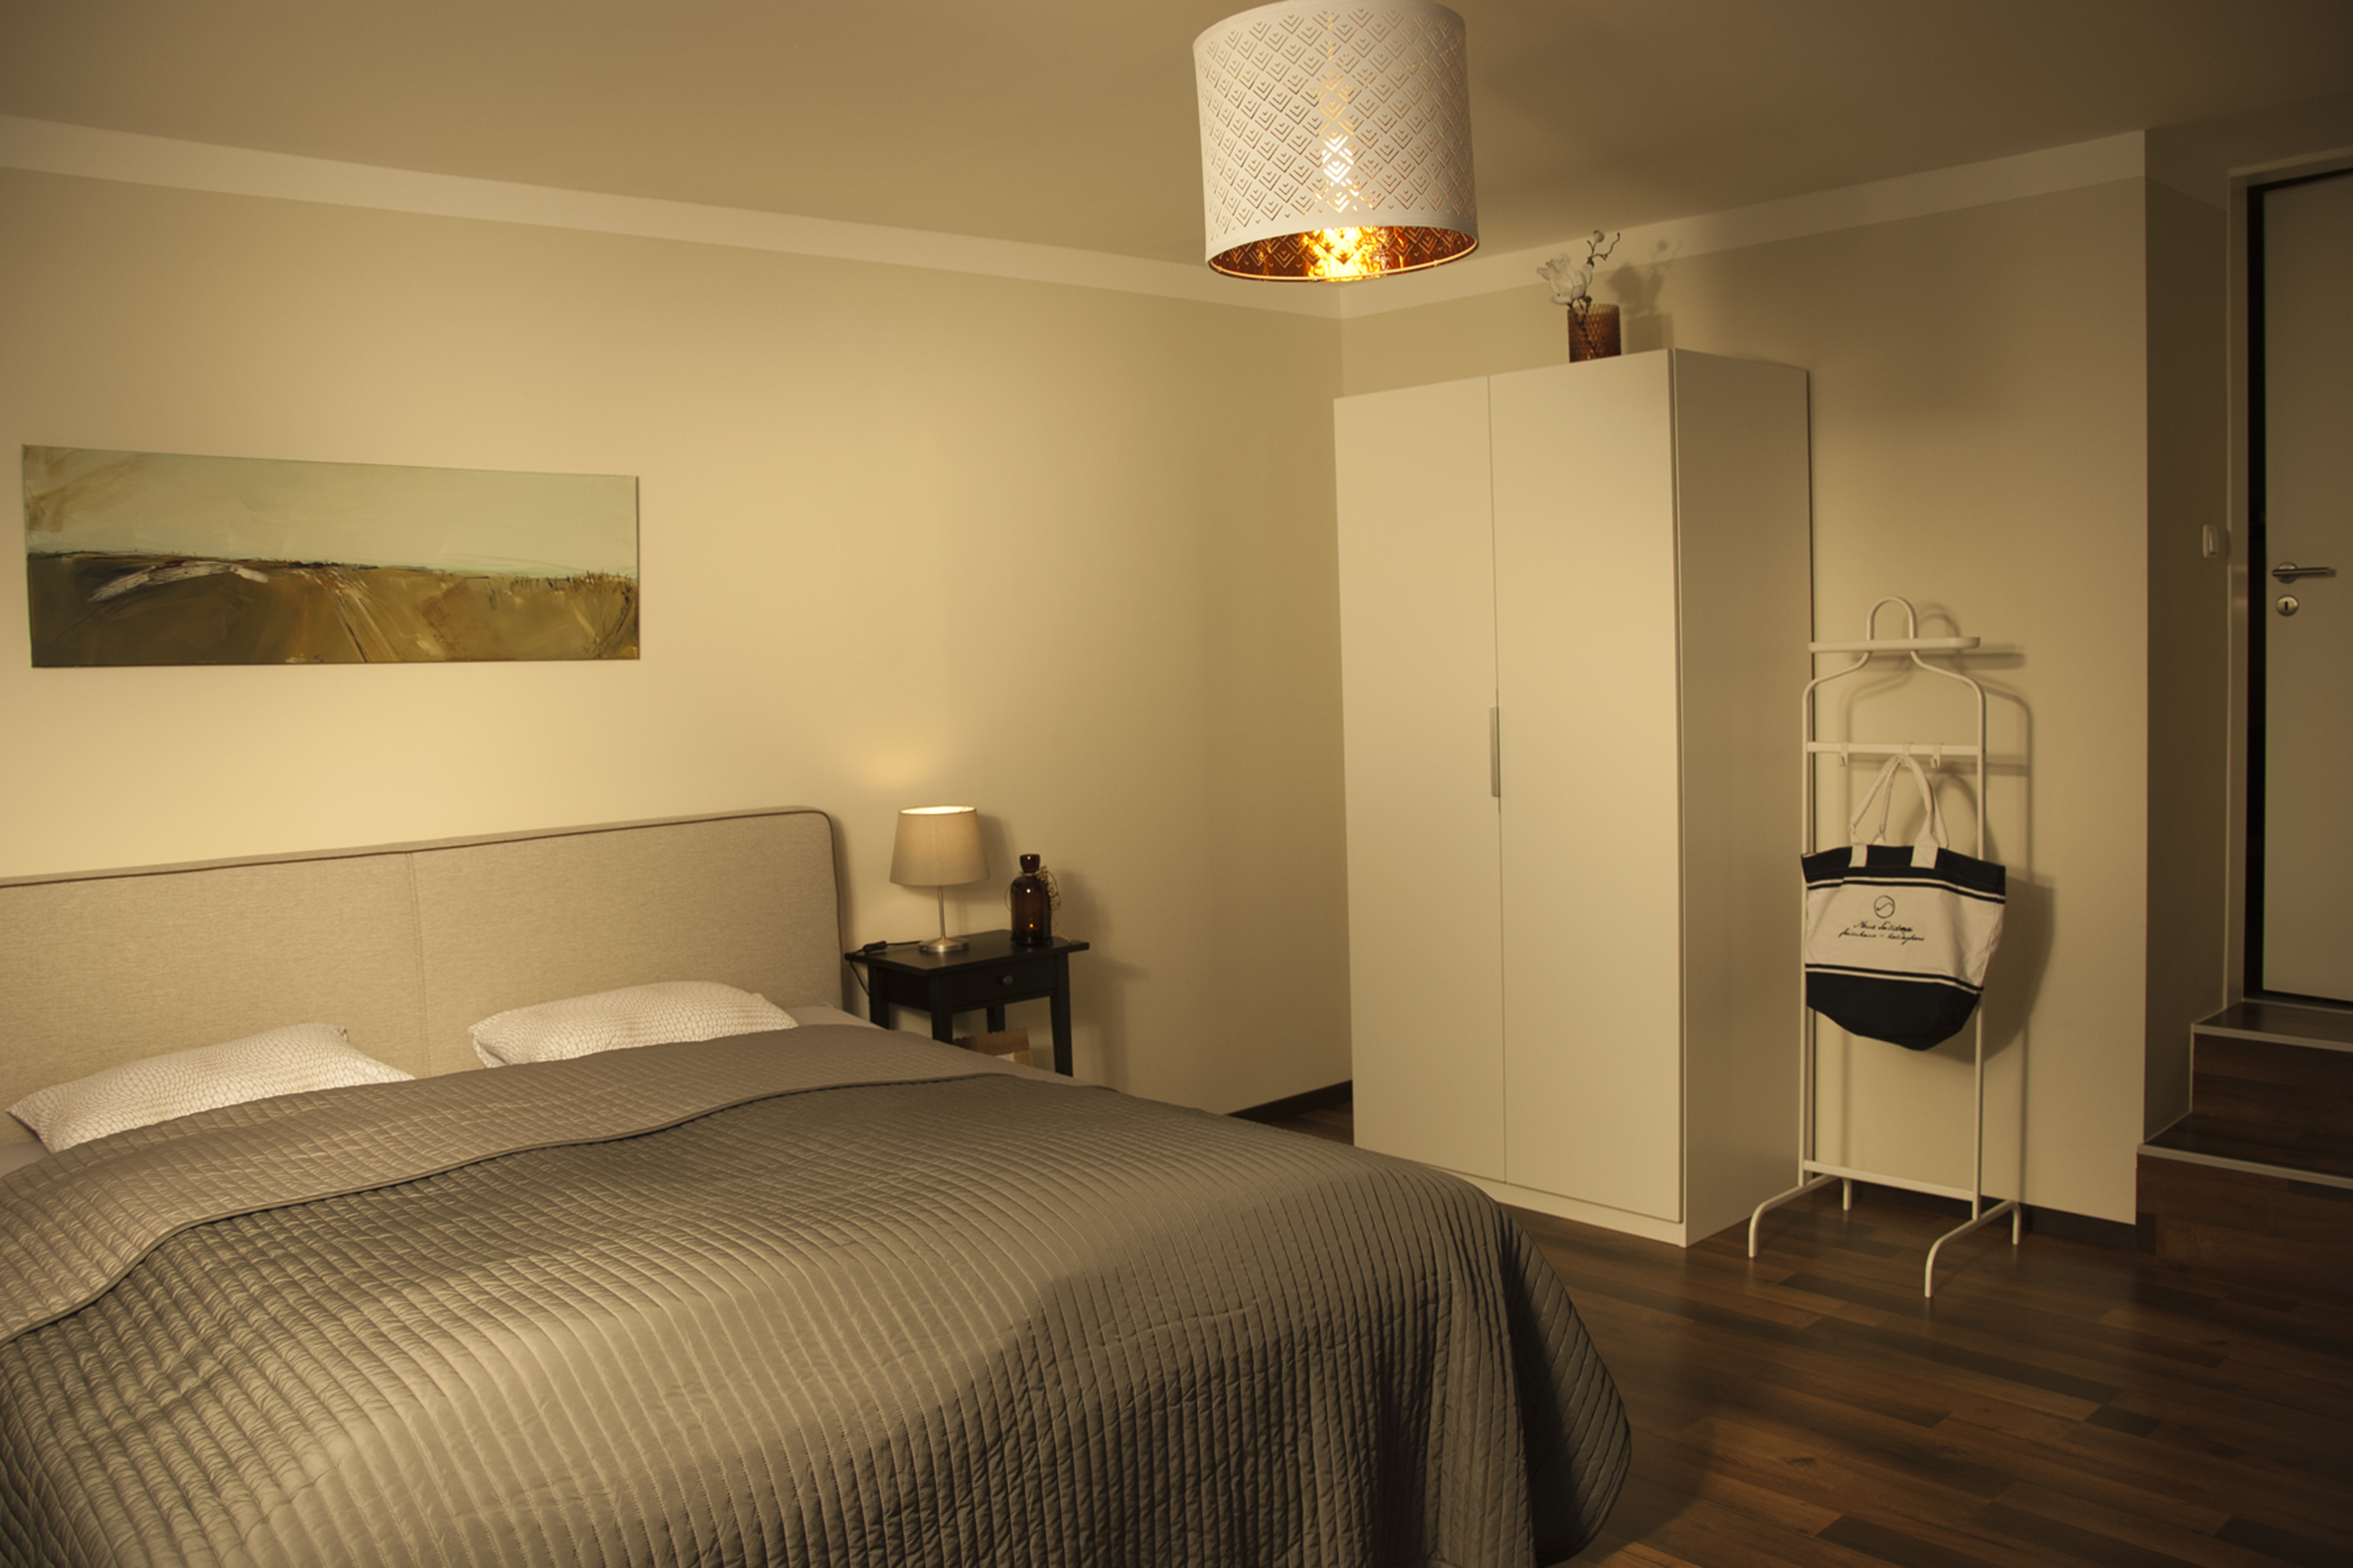 schlafzimmer unten DSC_3254